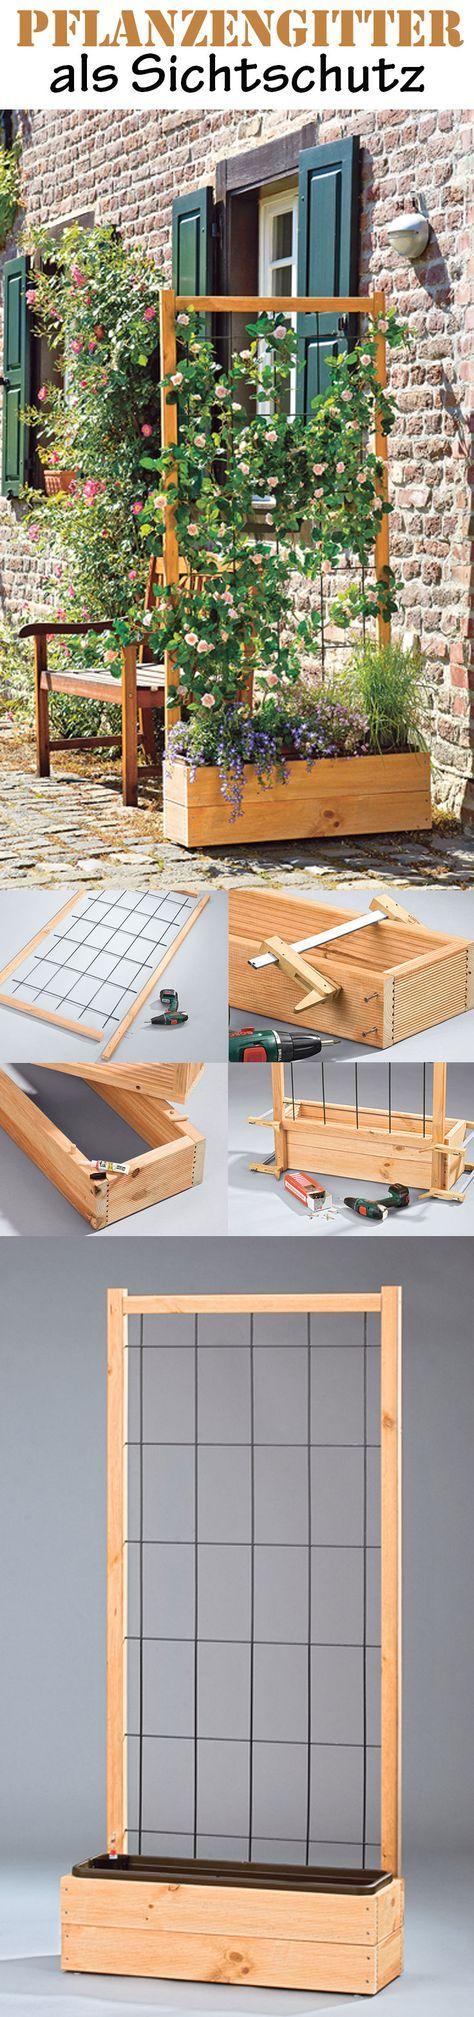 die 25 besten ideen zu sichtschutz selber bauen auf. Black Bedroom Furniture Sets. Home Design Ideas